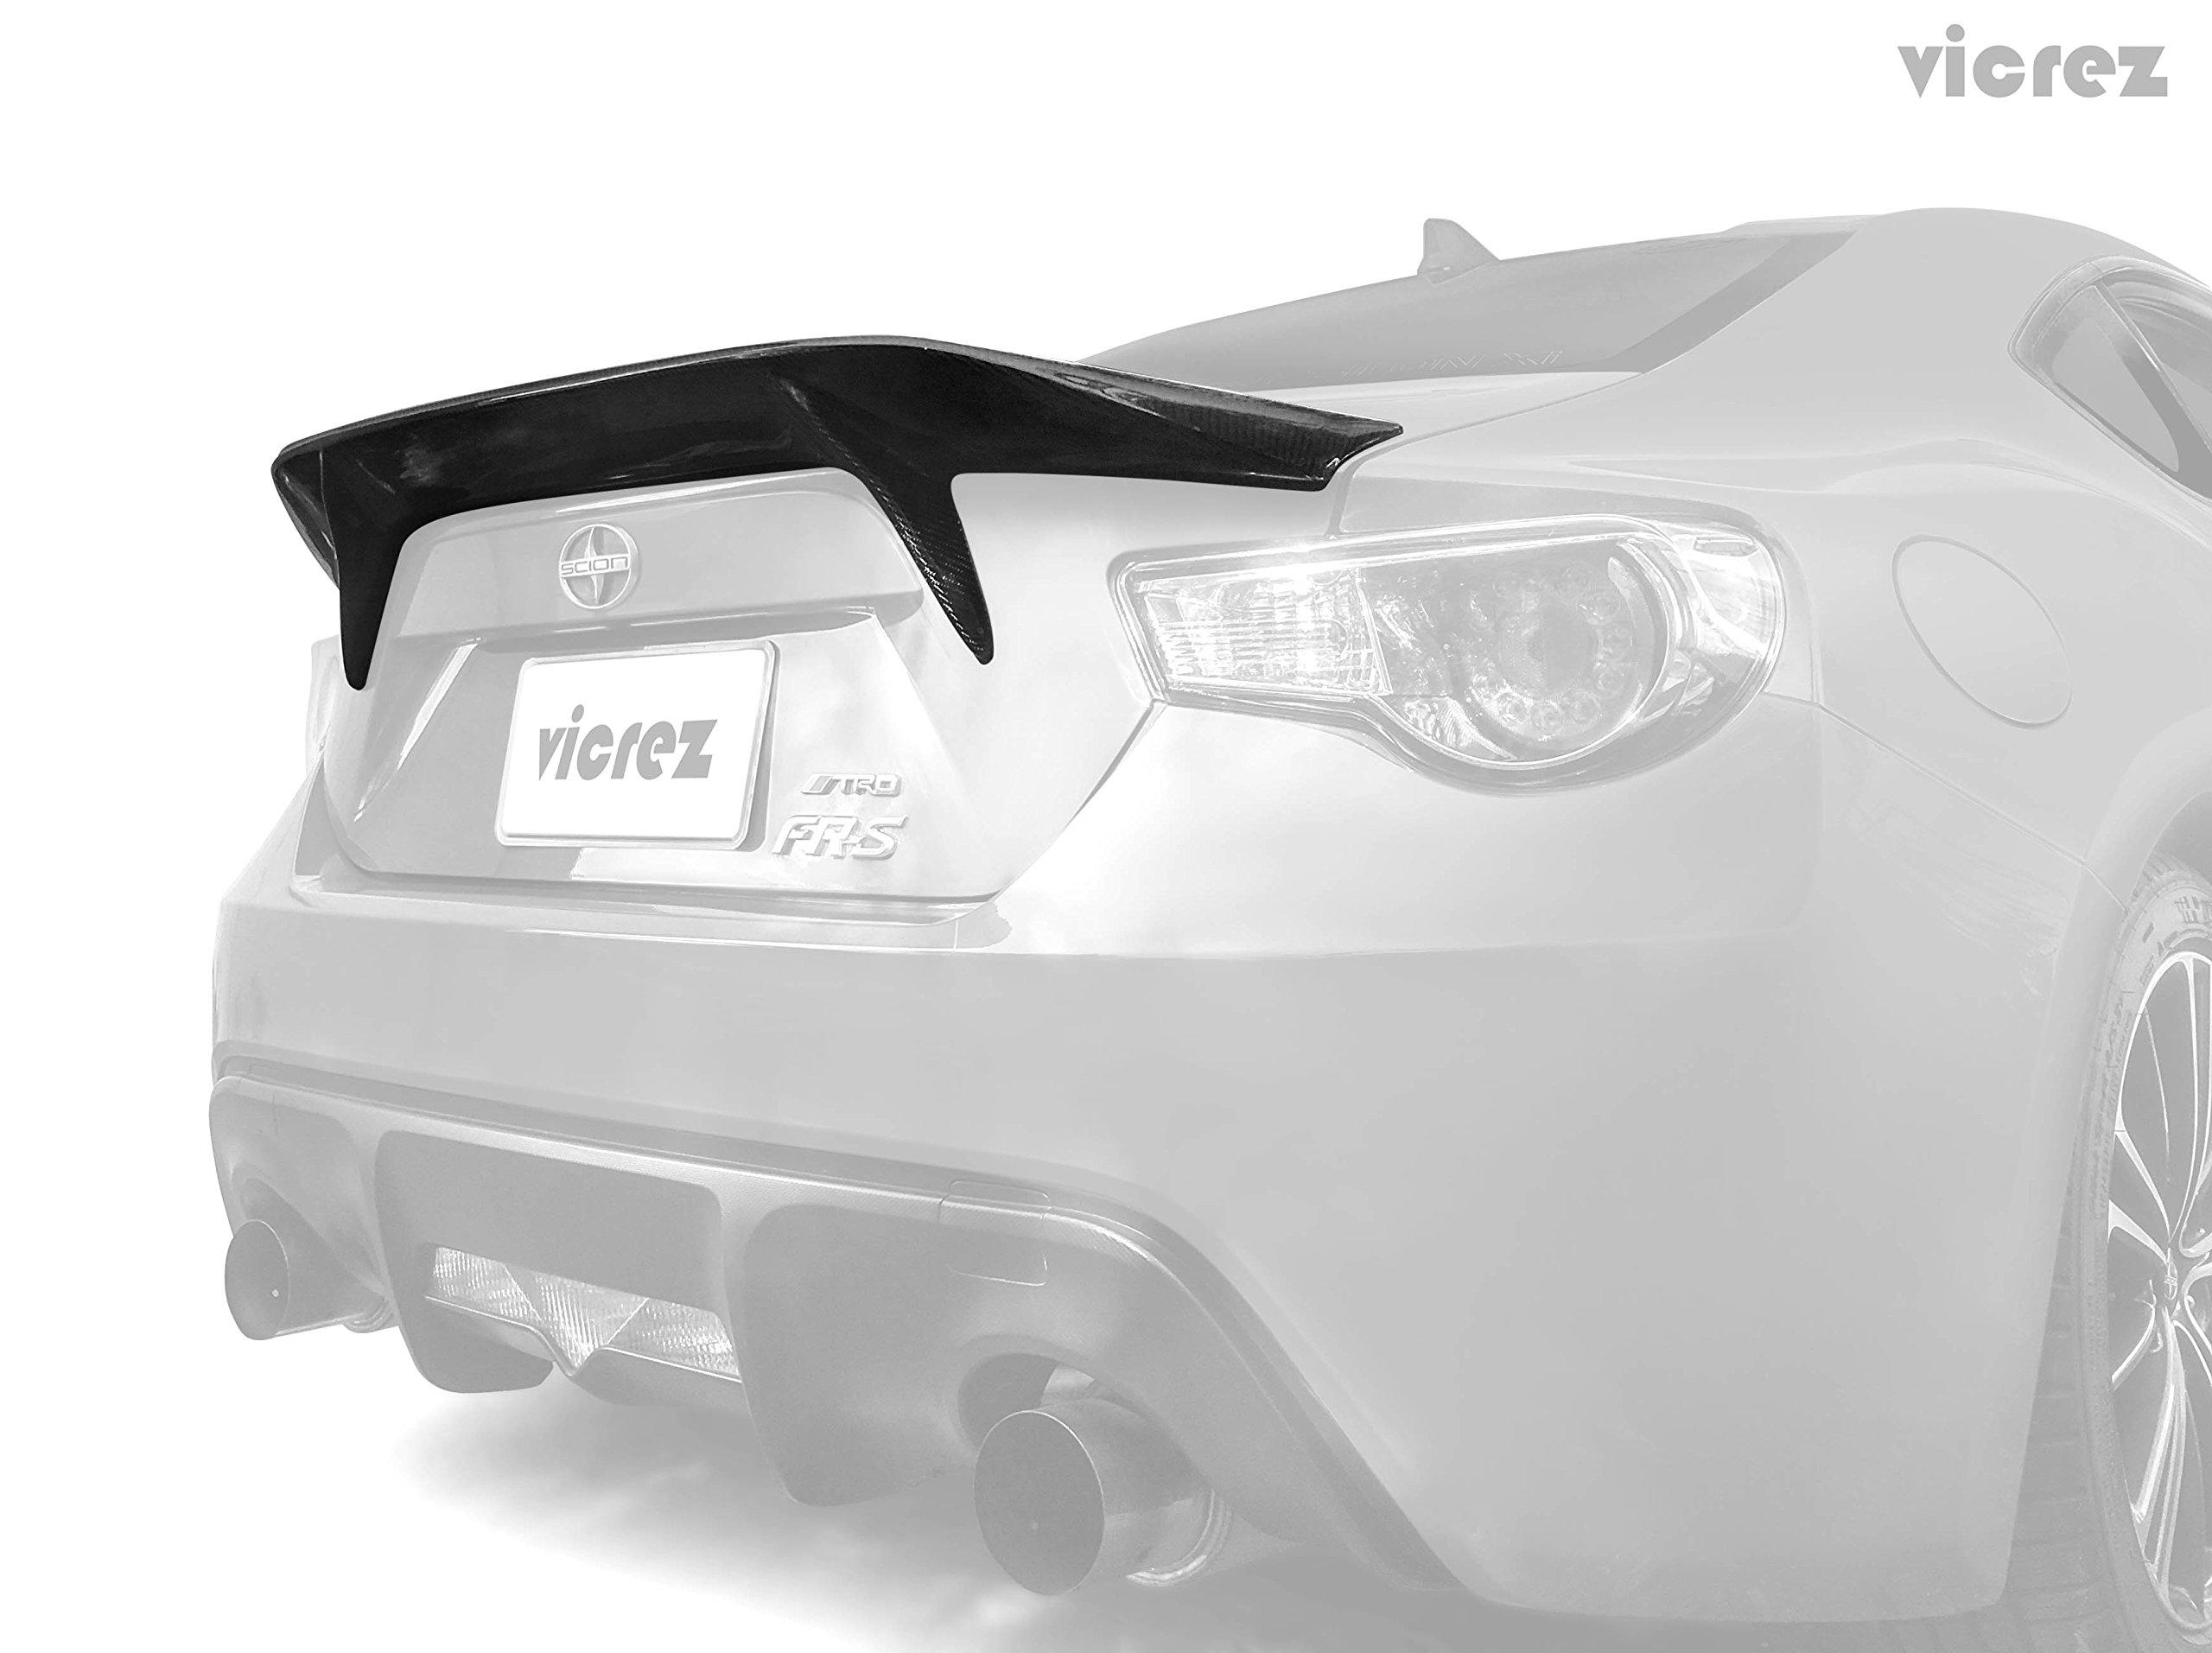 Vicrez Scion FRS / Subaru BRZ 2013-2016 Ducktail VZ1 Carbon Fiber Rear Wing Spoiler - vz100464